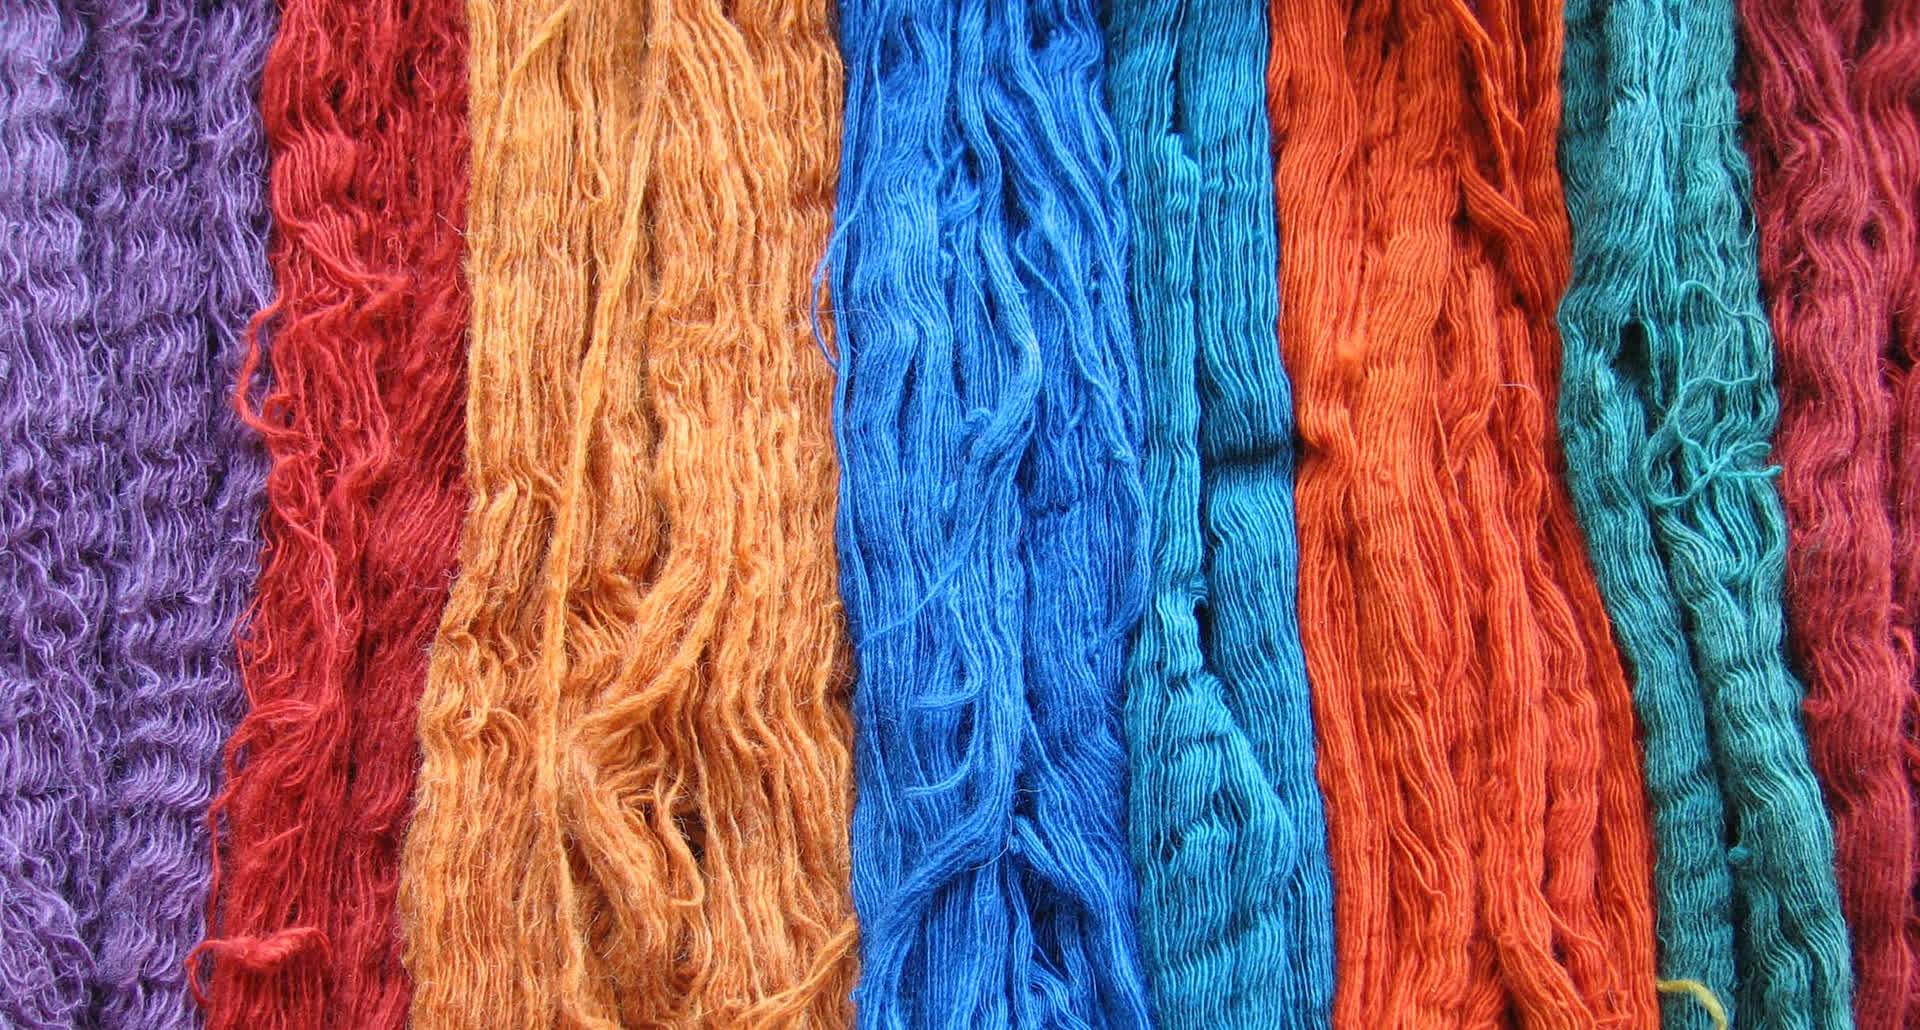 Yarns dyed naturally